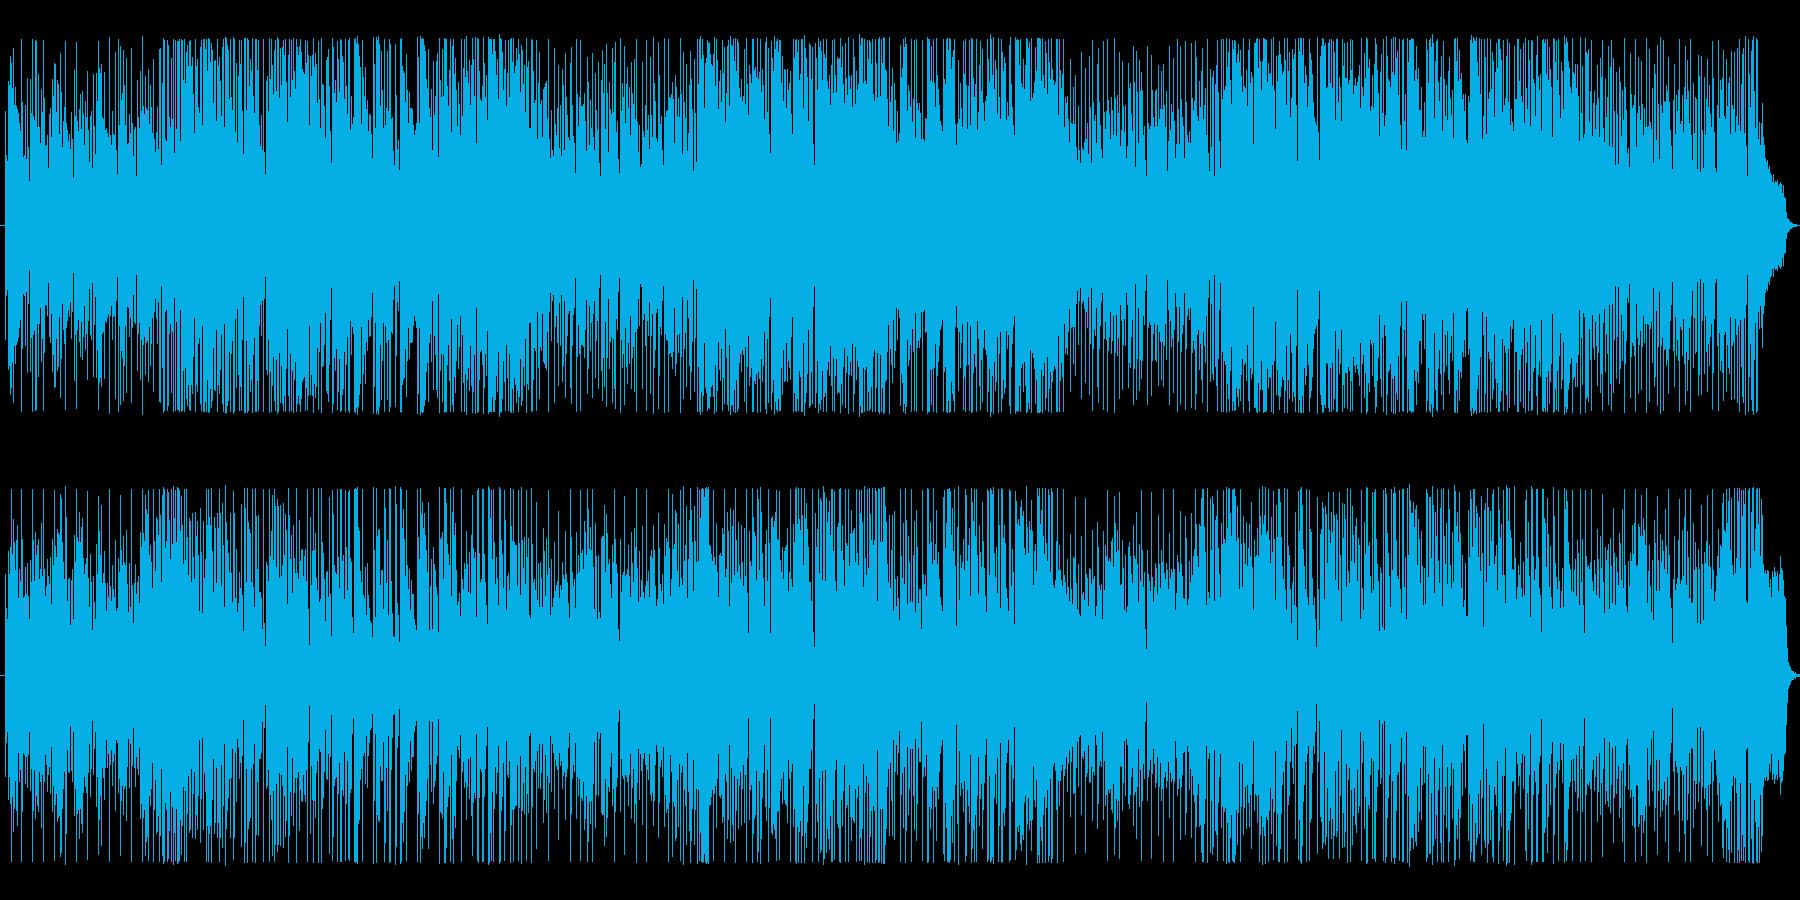 軽快なピアノインスト、さわやかな季節感…の再生済みの波形